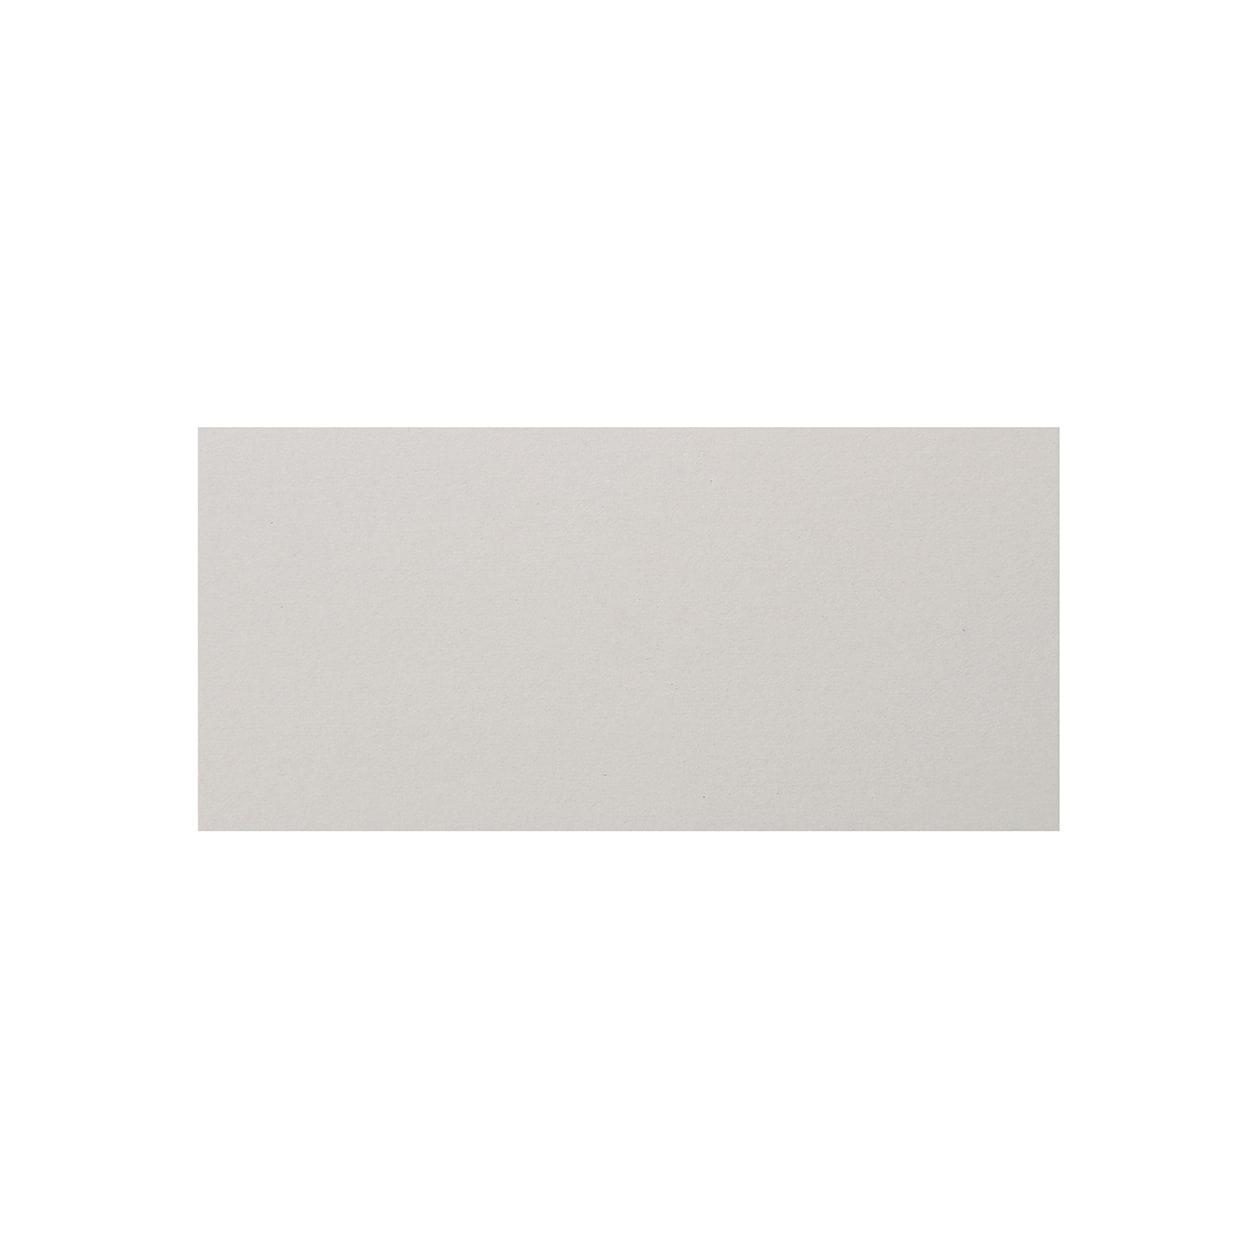 A31カード ボード紙 グレー 450g